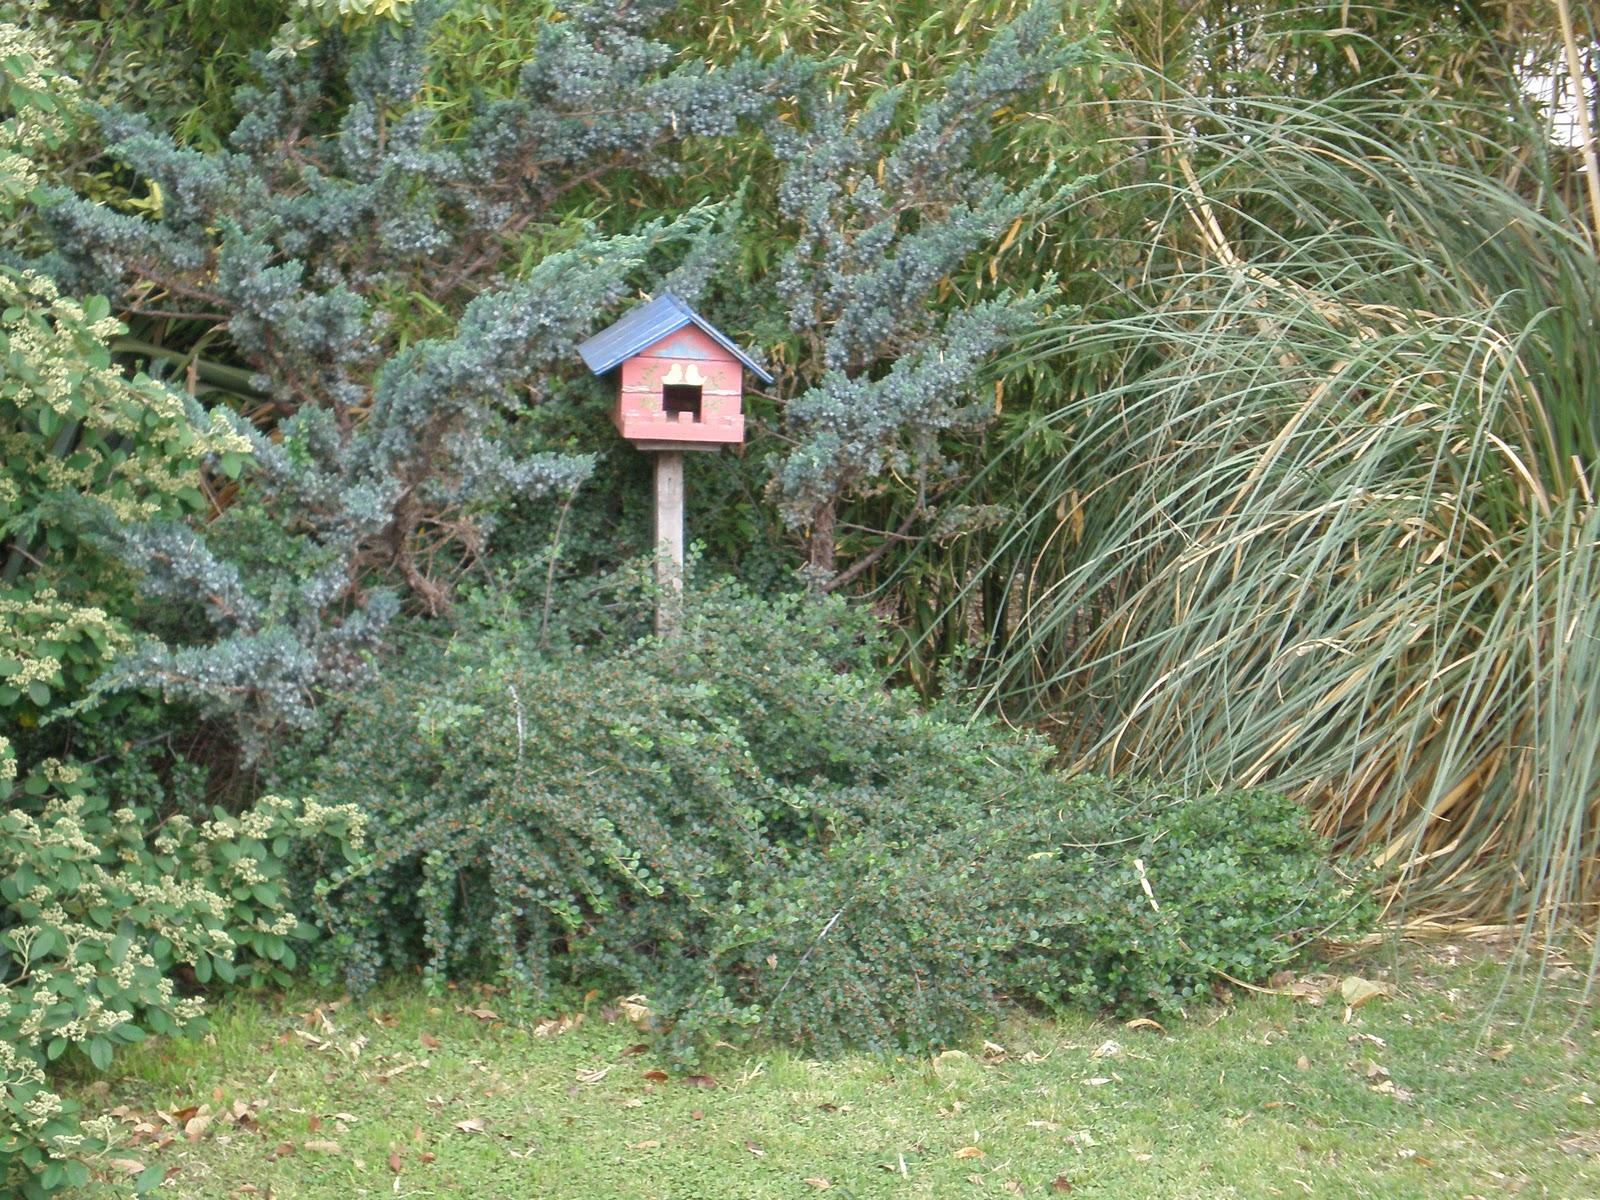 Consejos de jardineria paisajismo y huerta dise o de - Consejos de jardineria ...